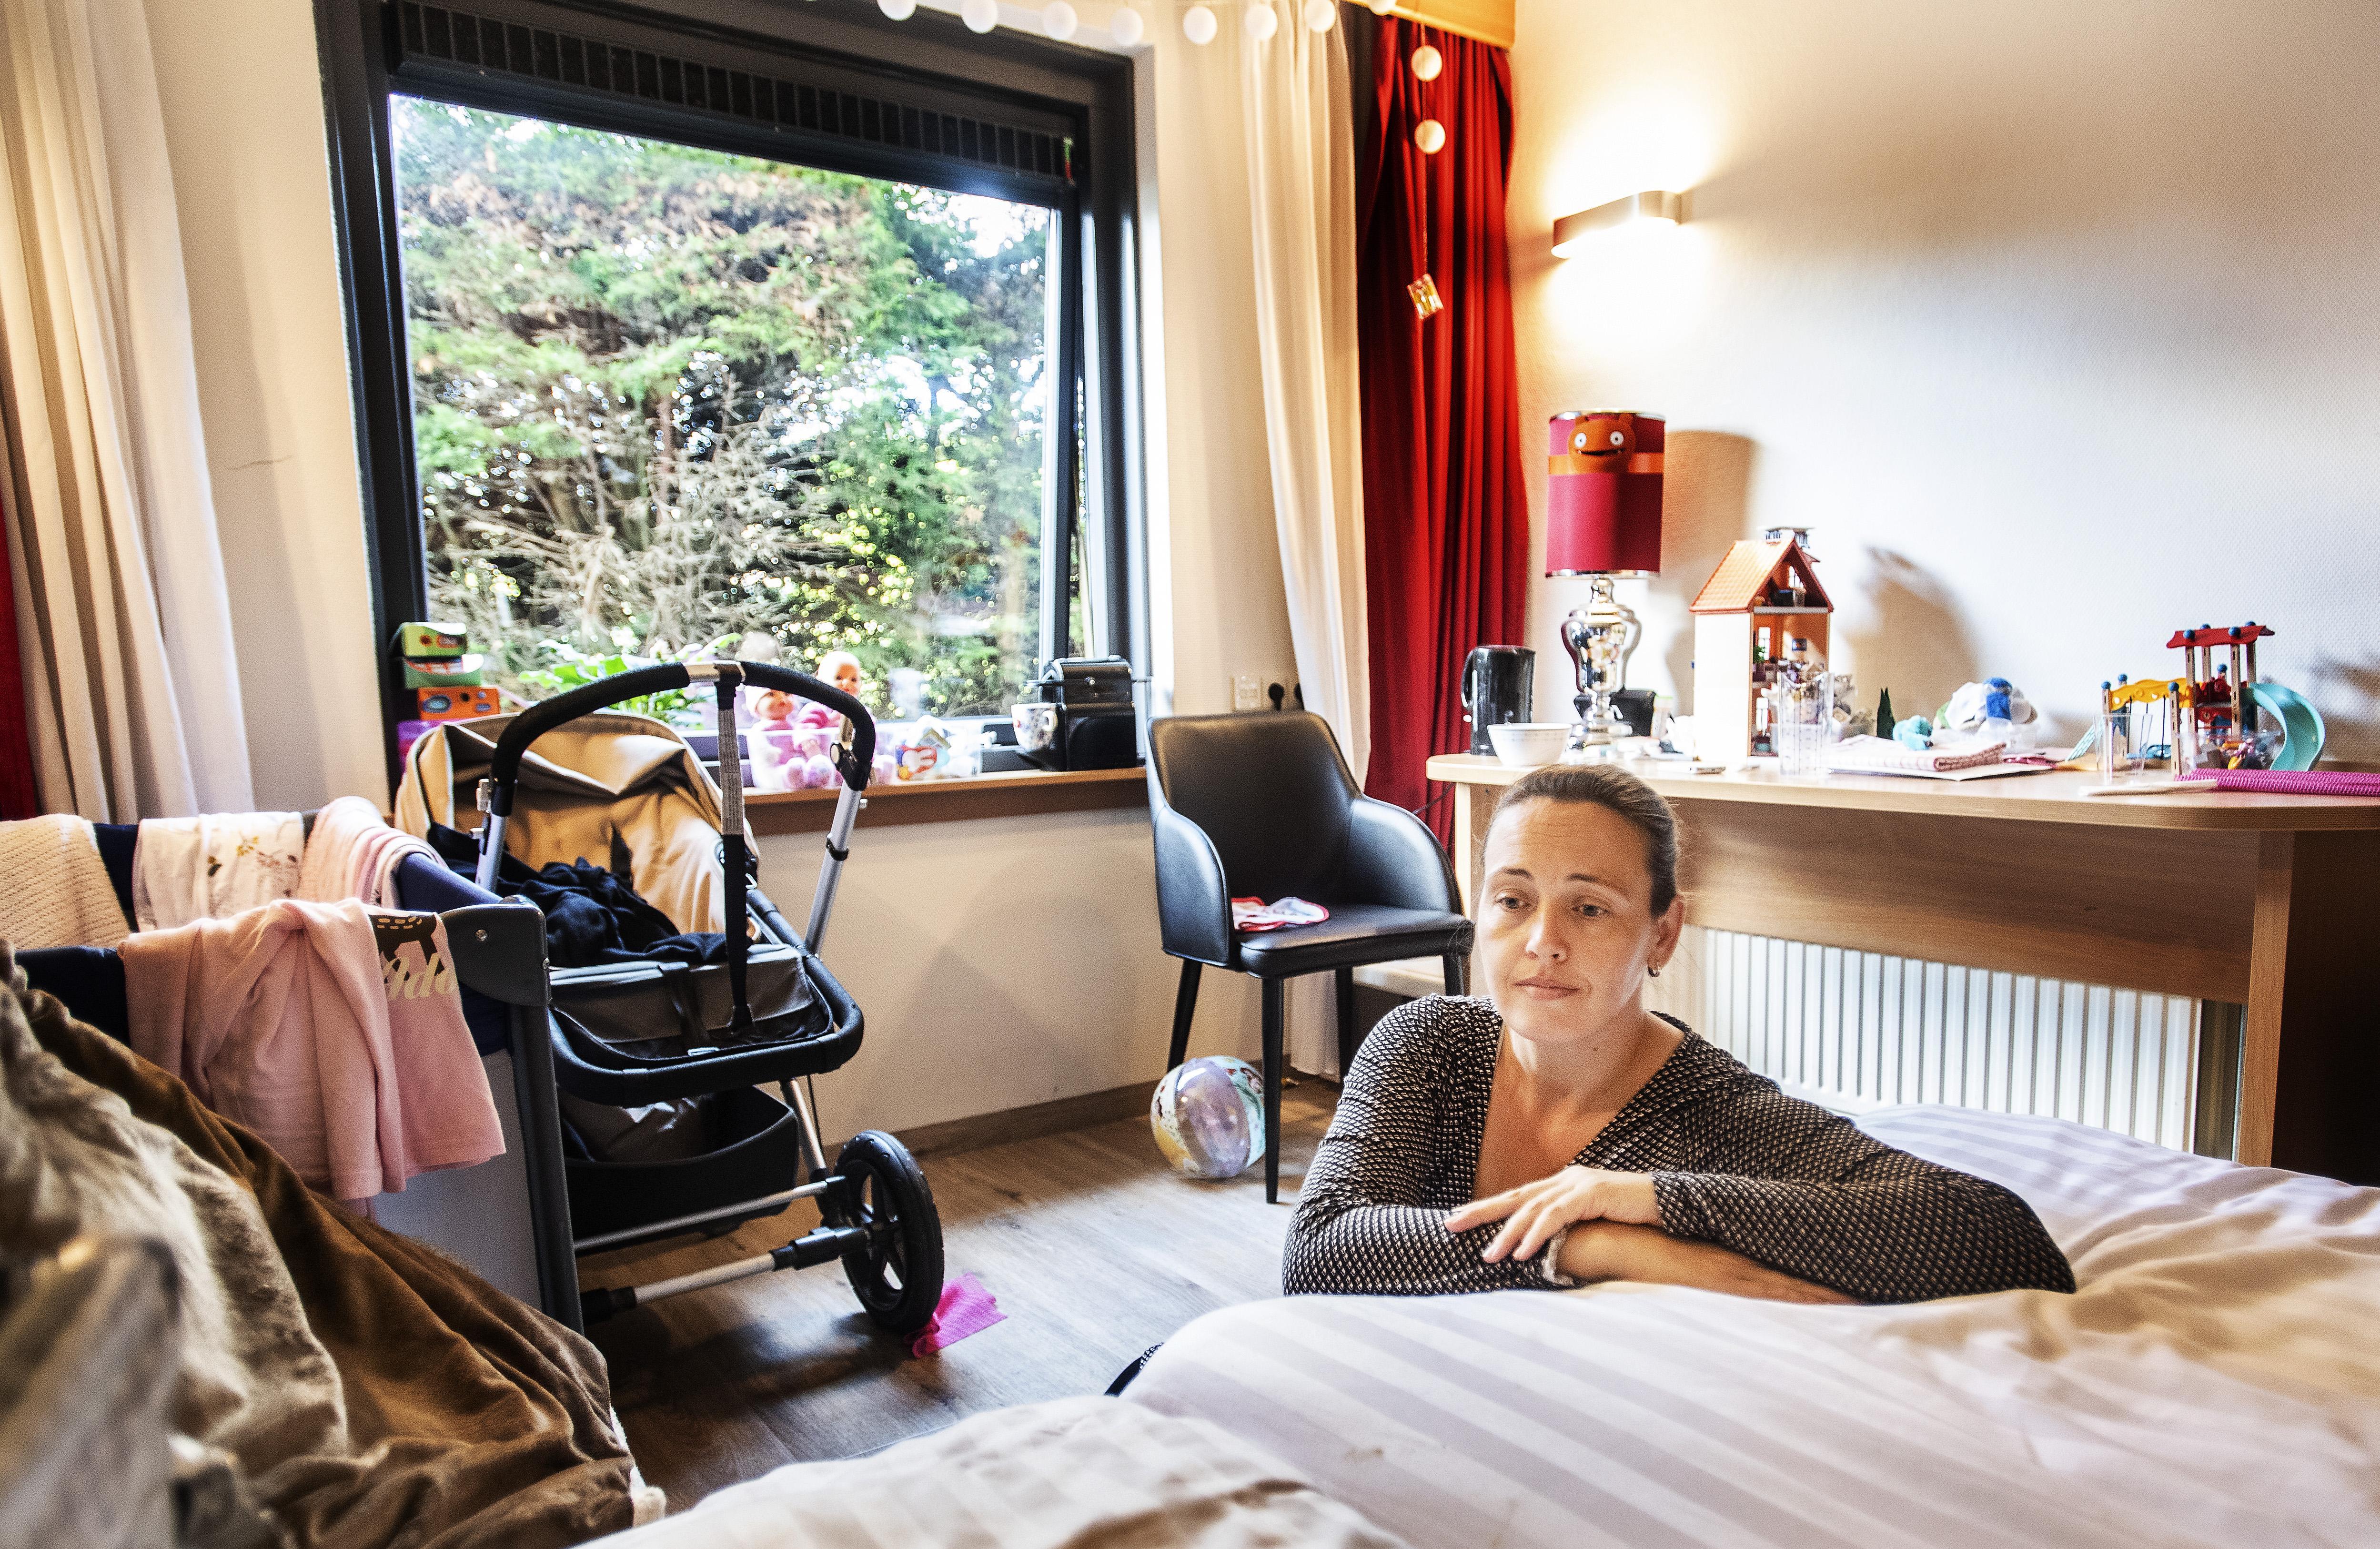 Madelon Uittenbogaard met haar twee dochtertjes elke dag op zoek naar een slaapplaats